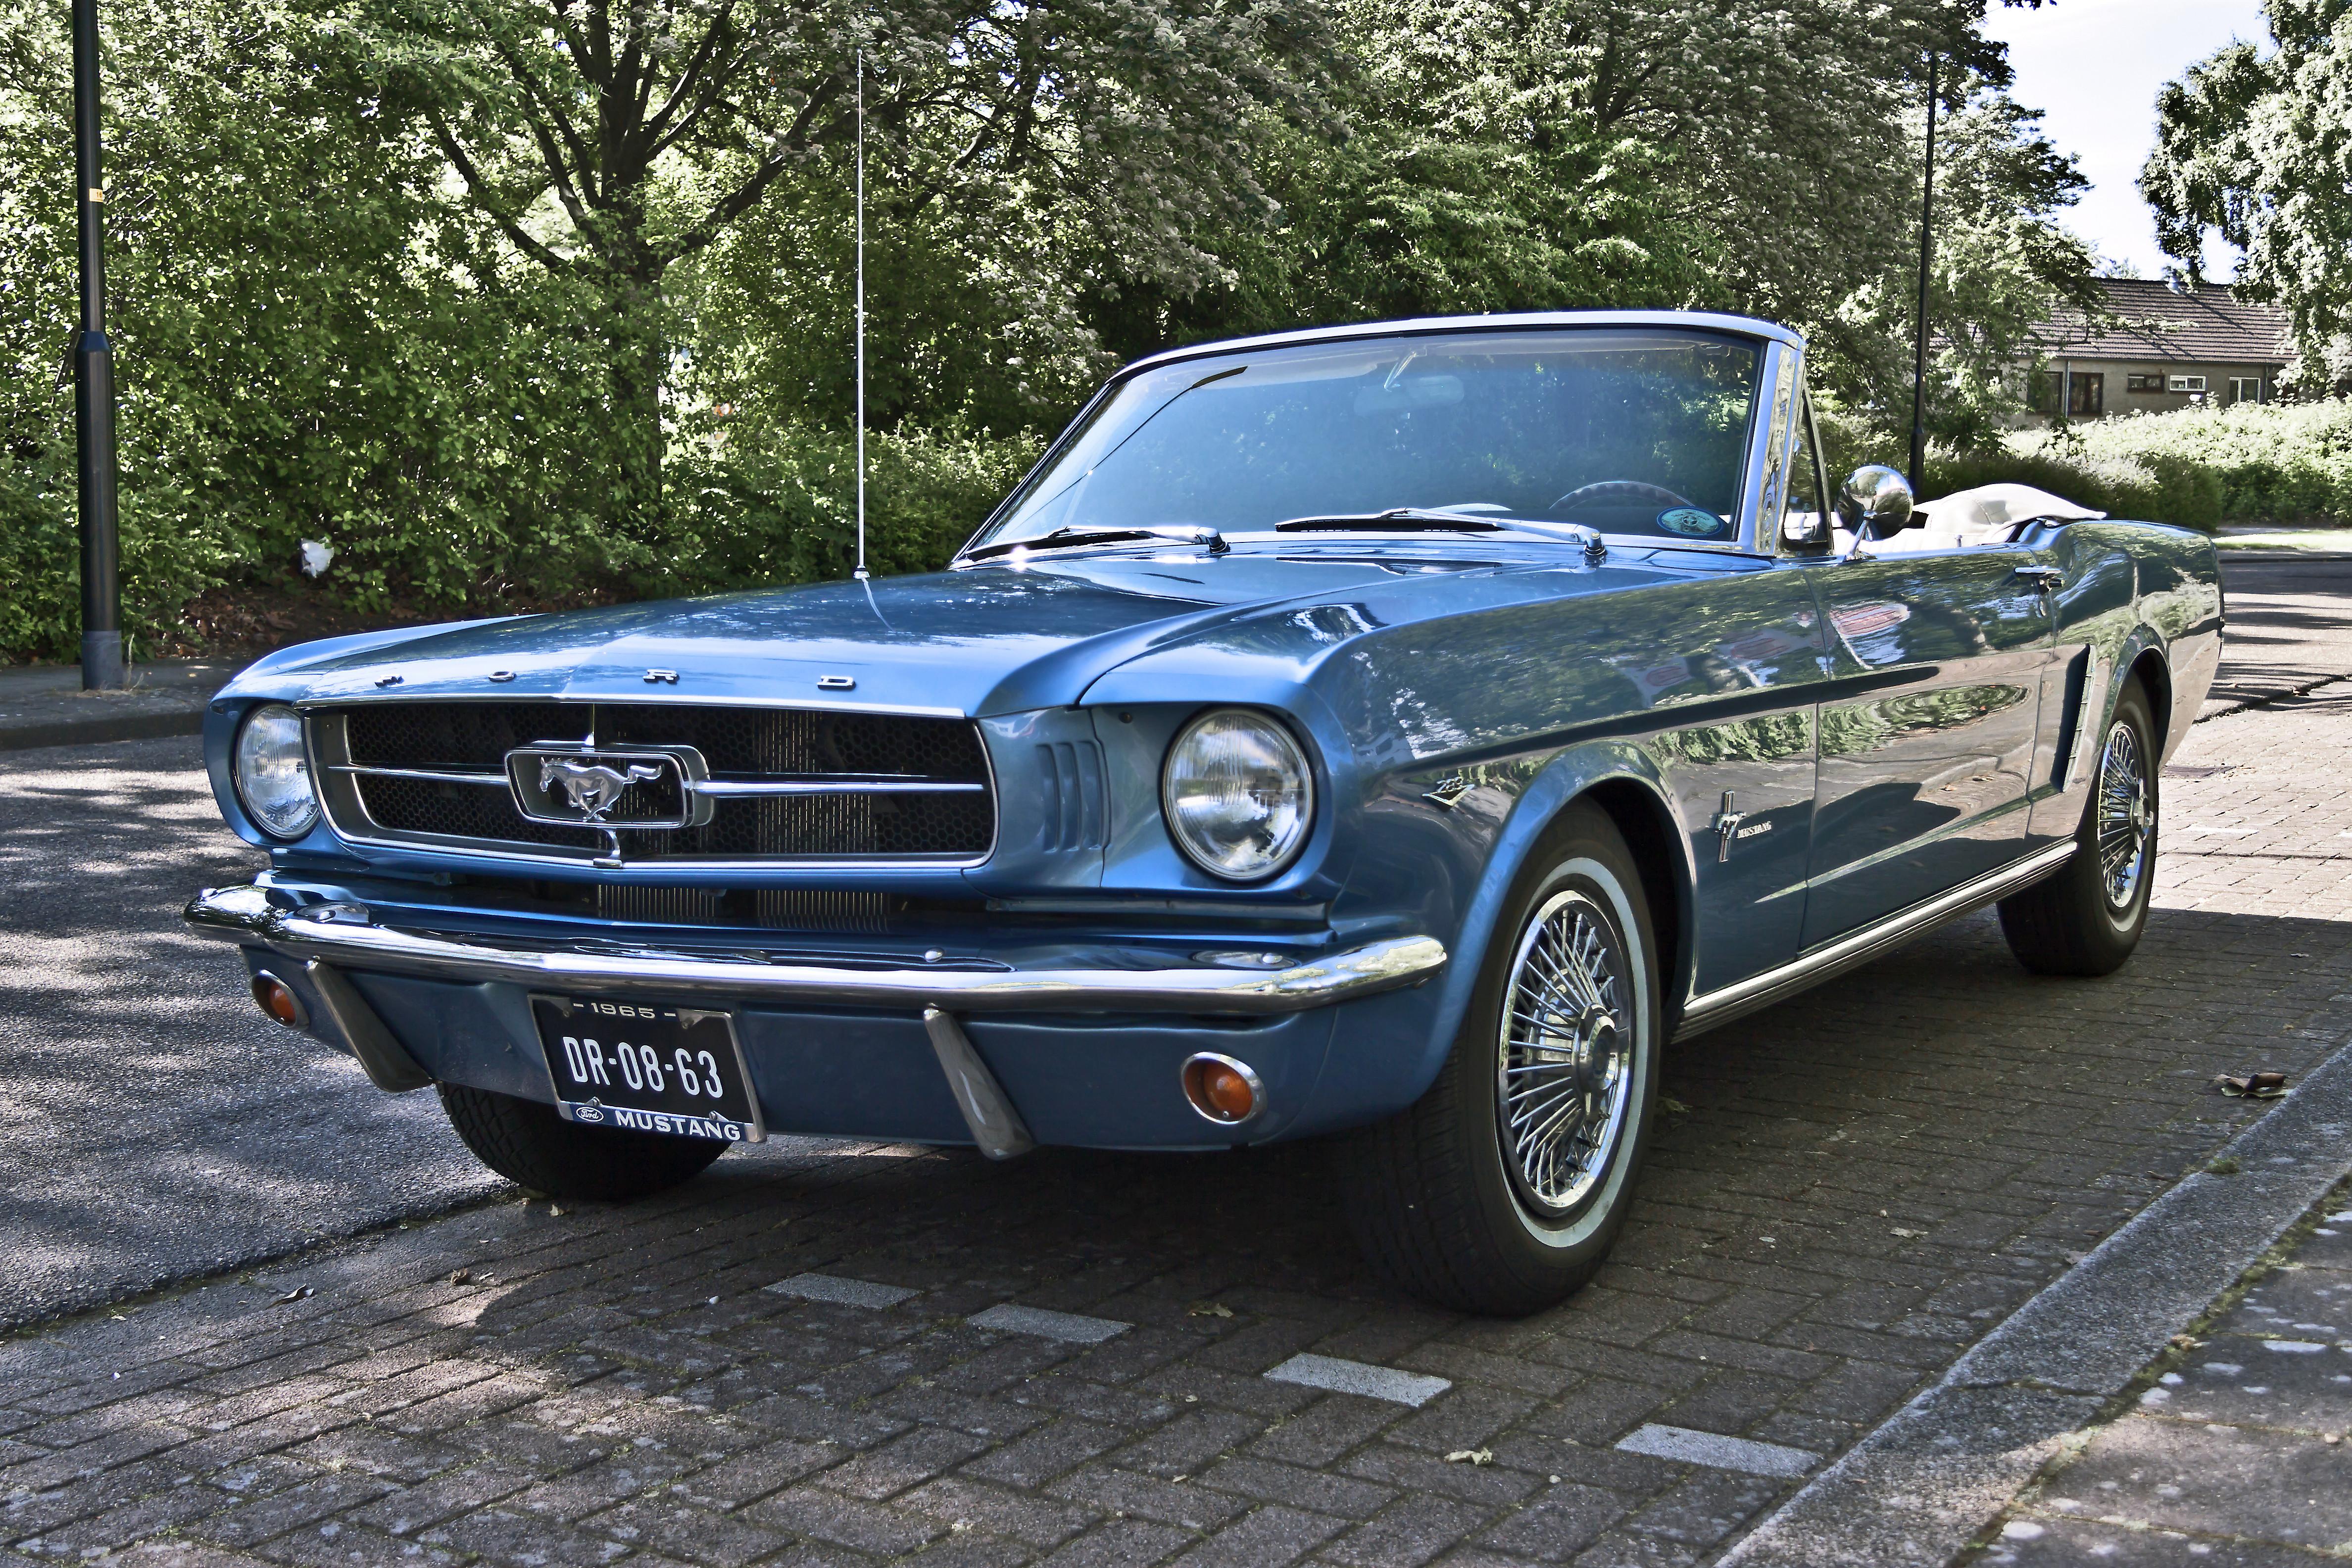 Ford Mustang, en Flickr